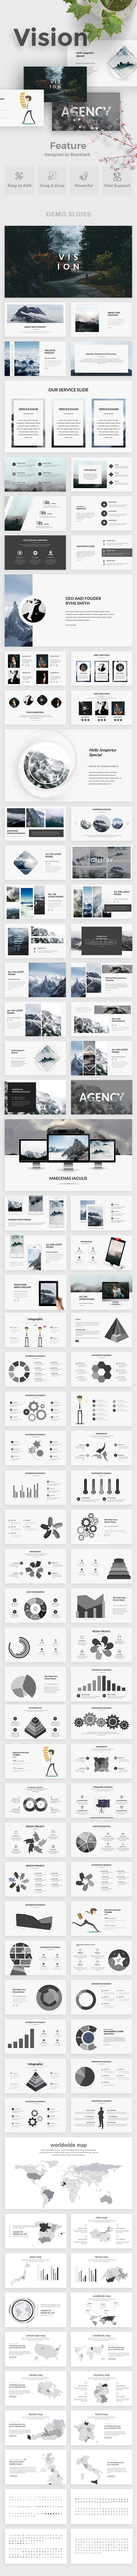 Vision Creative Google Slide Template - Google Slides Presentation Templates